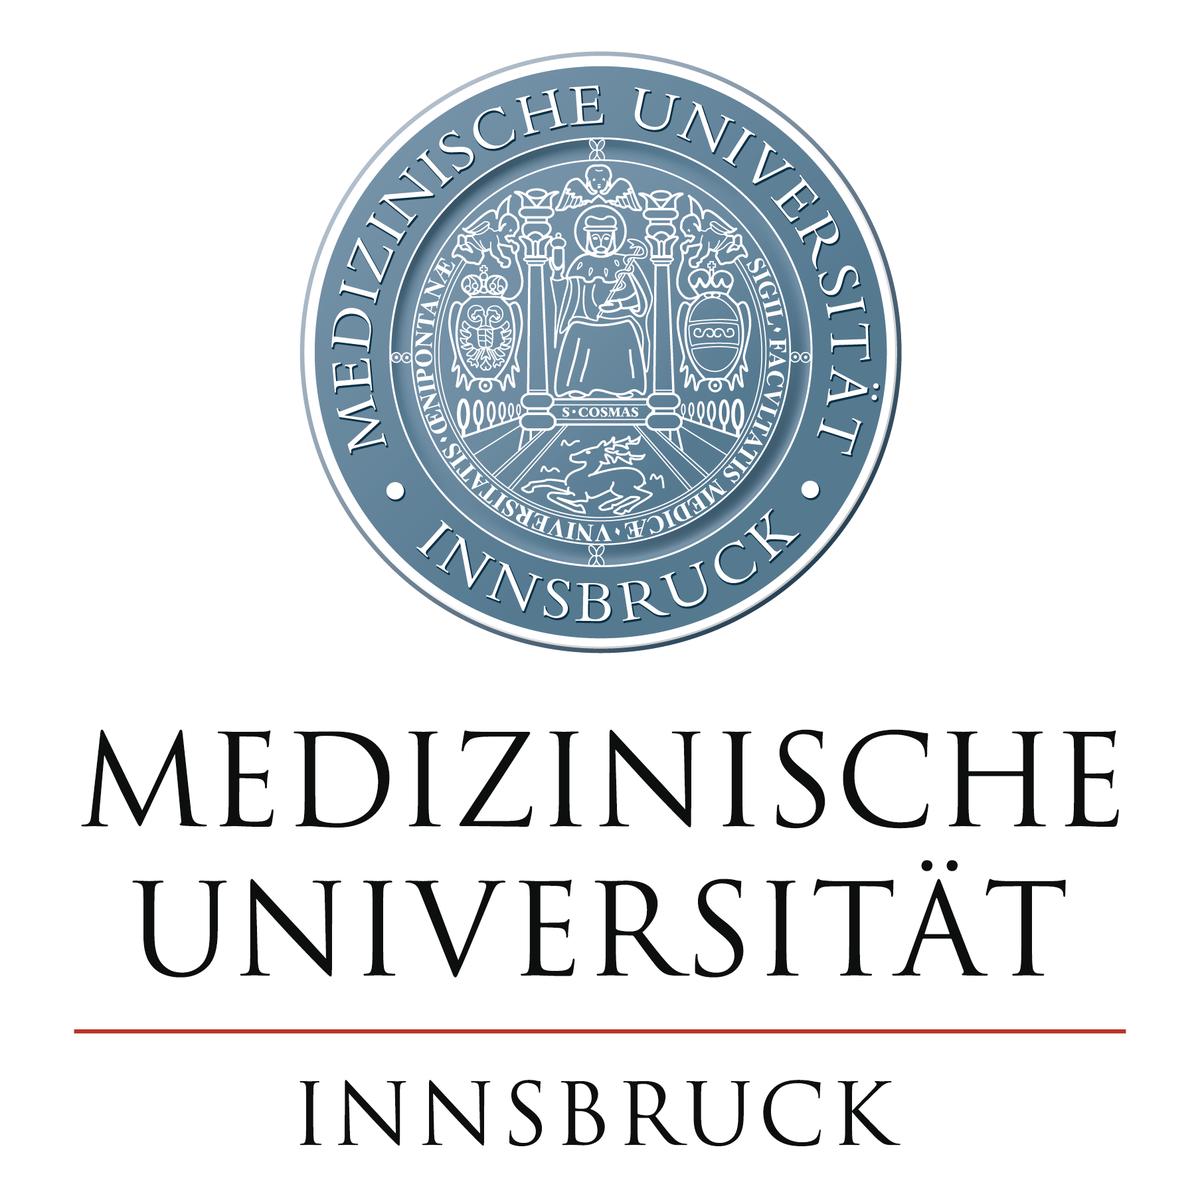 Medizinische Universität Innsbruck – Wikipedia